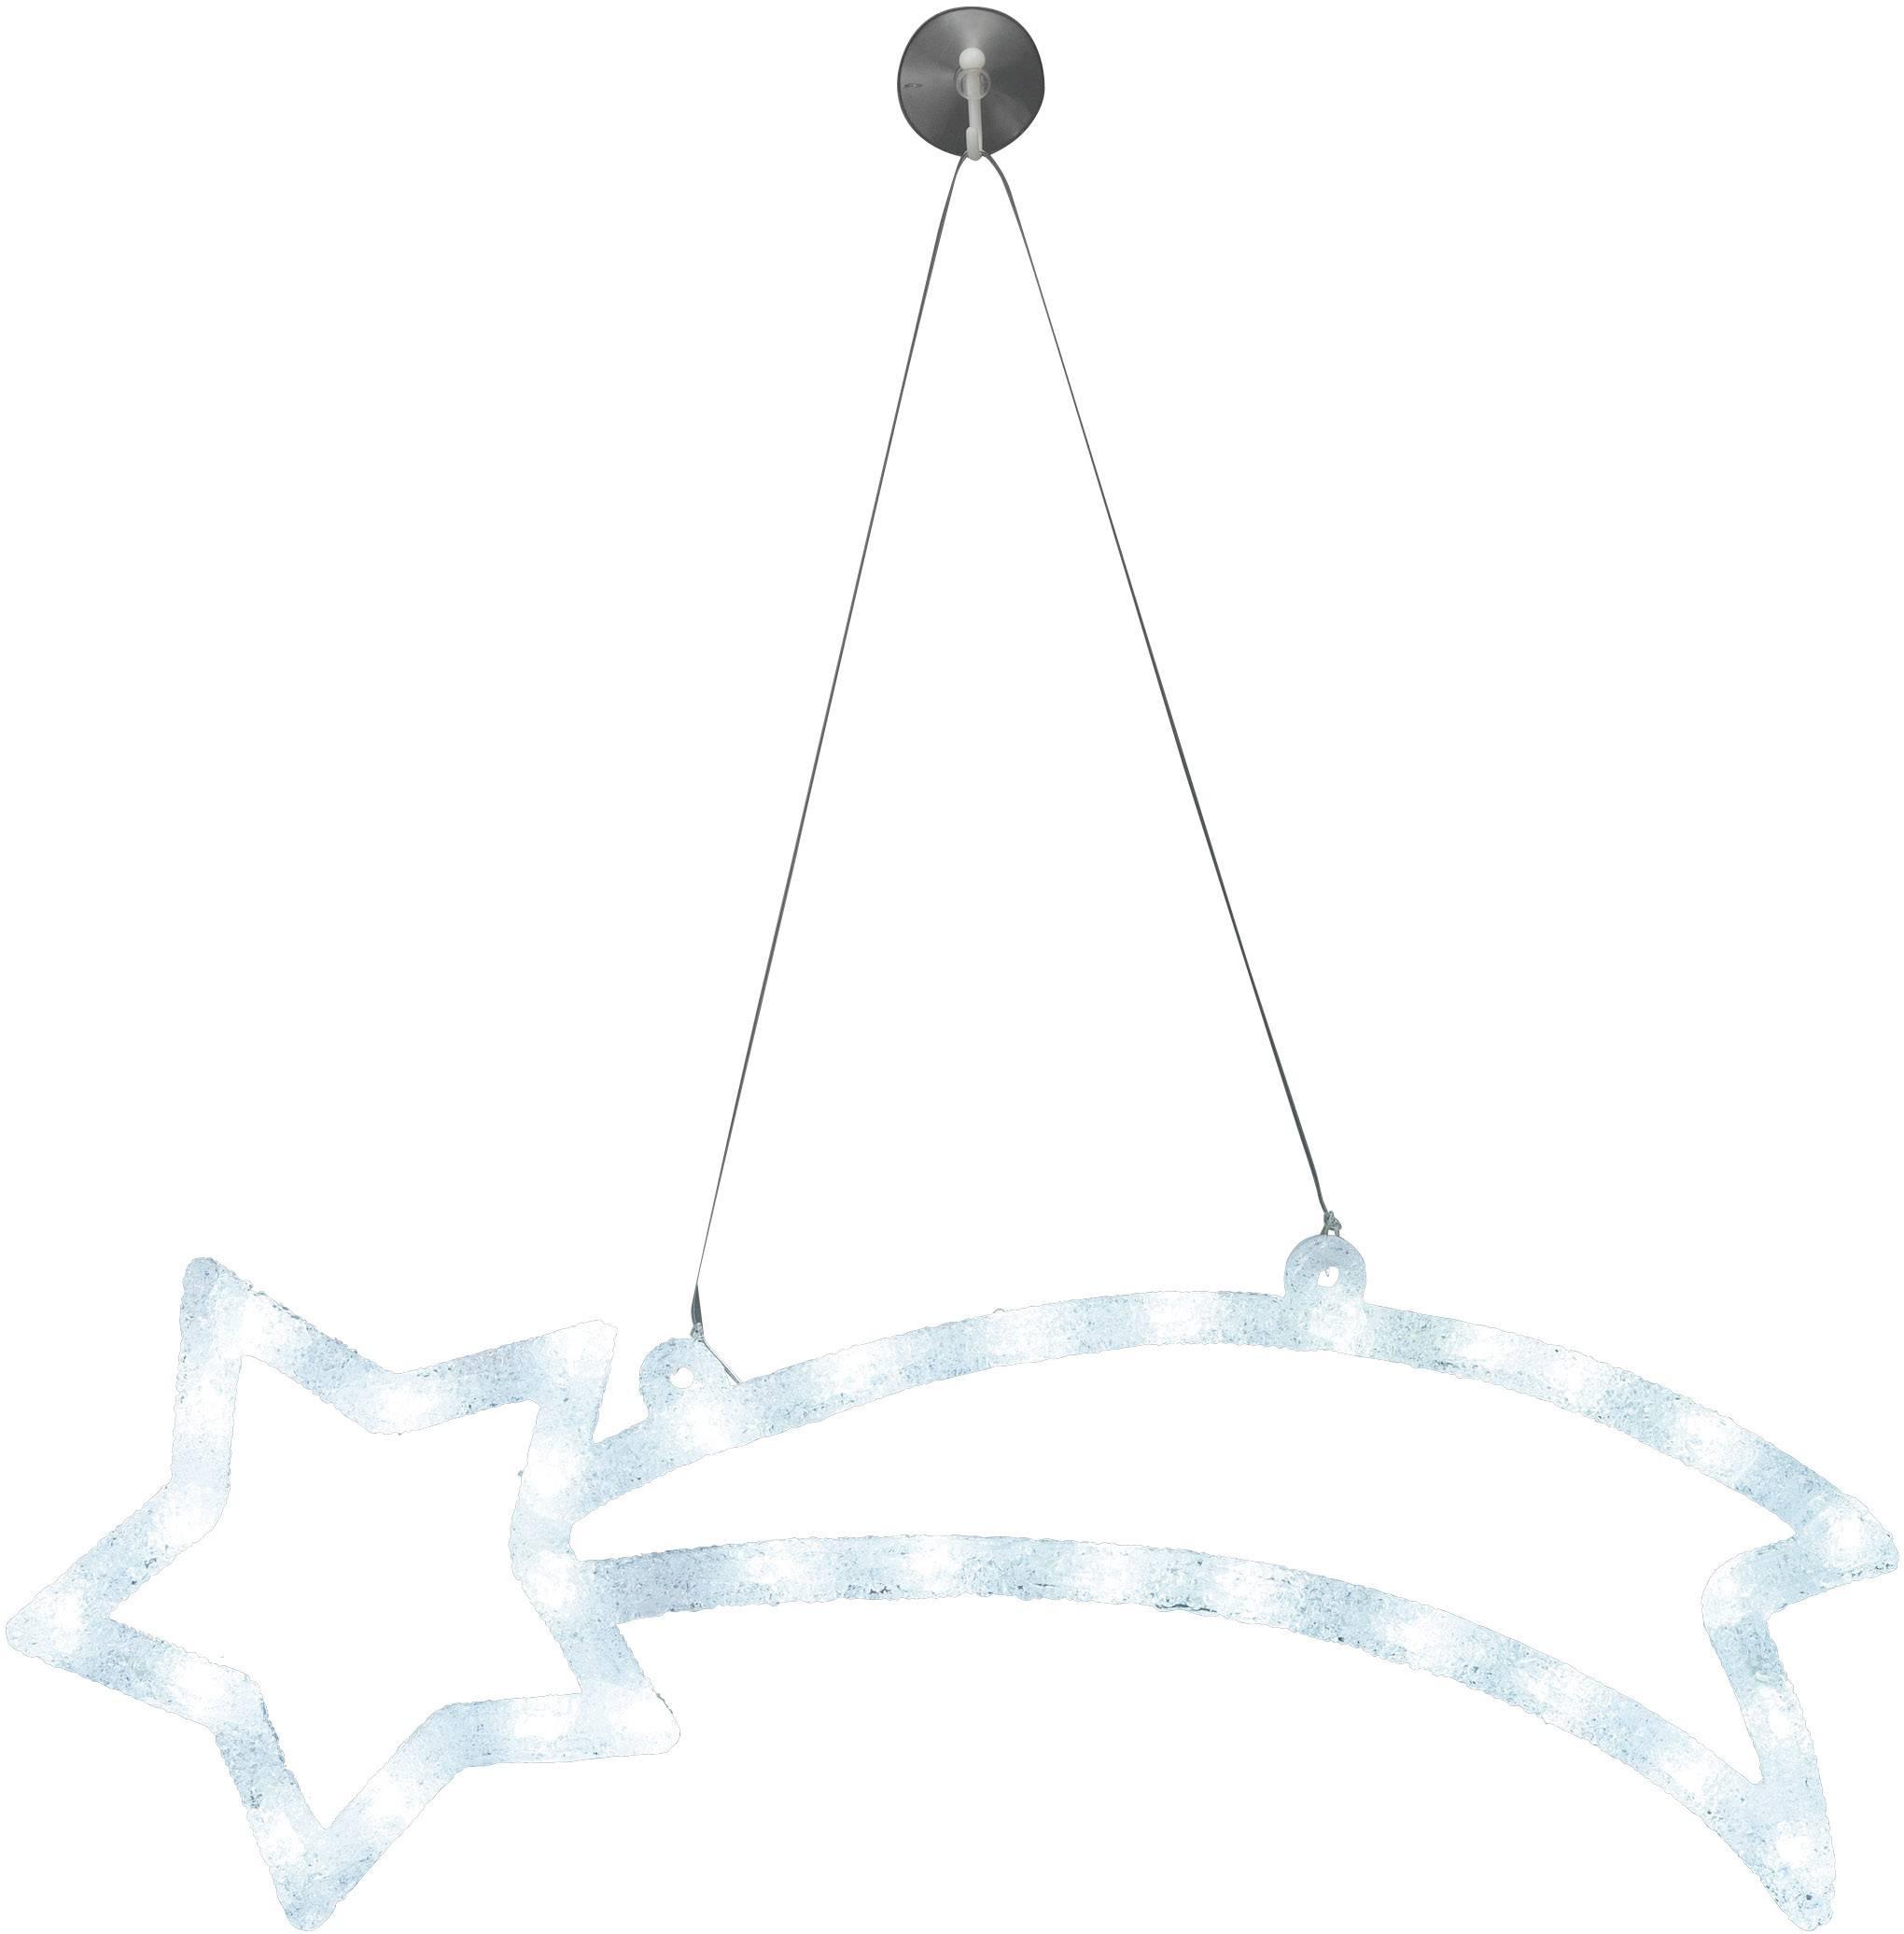 LED osvetlenie do okna Polarlite LDE-02-009, do siete, betlehemská hviezda